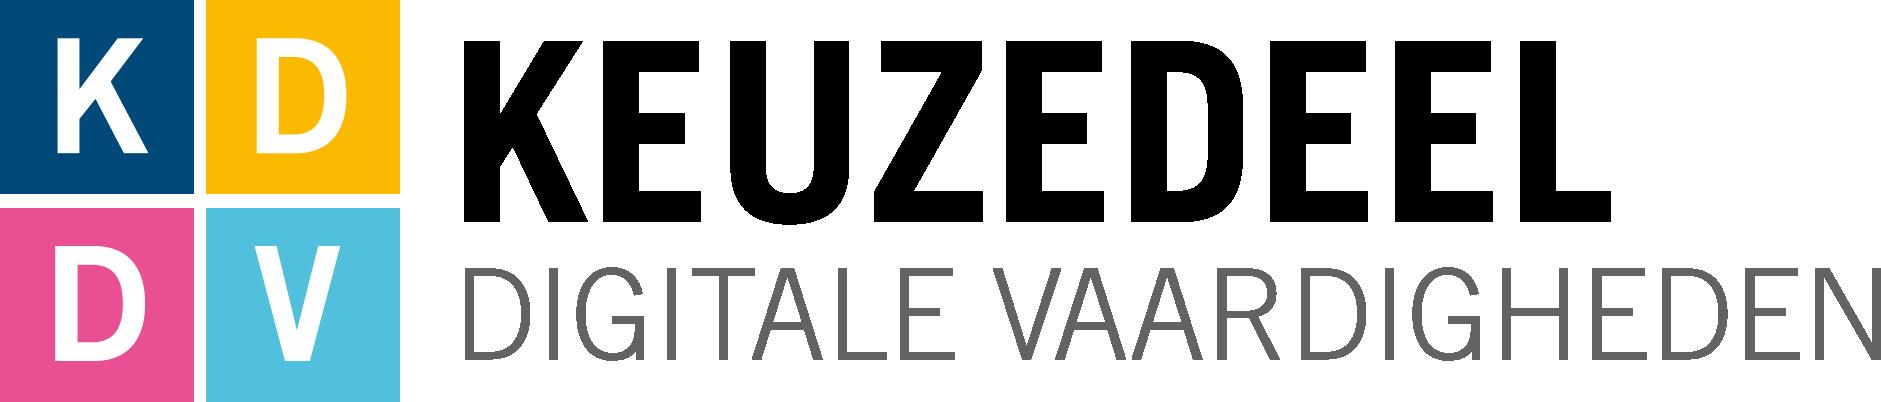 KDDV logo